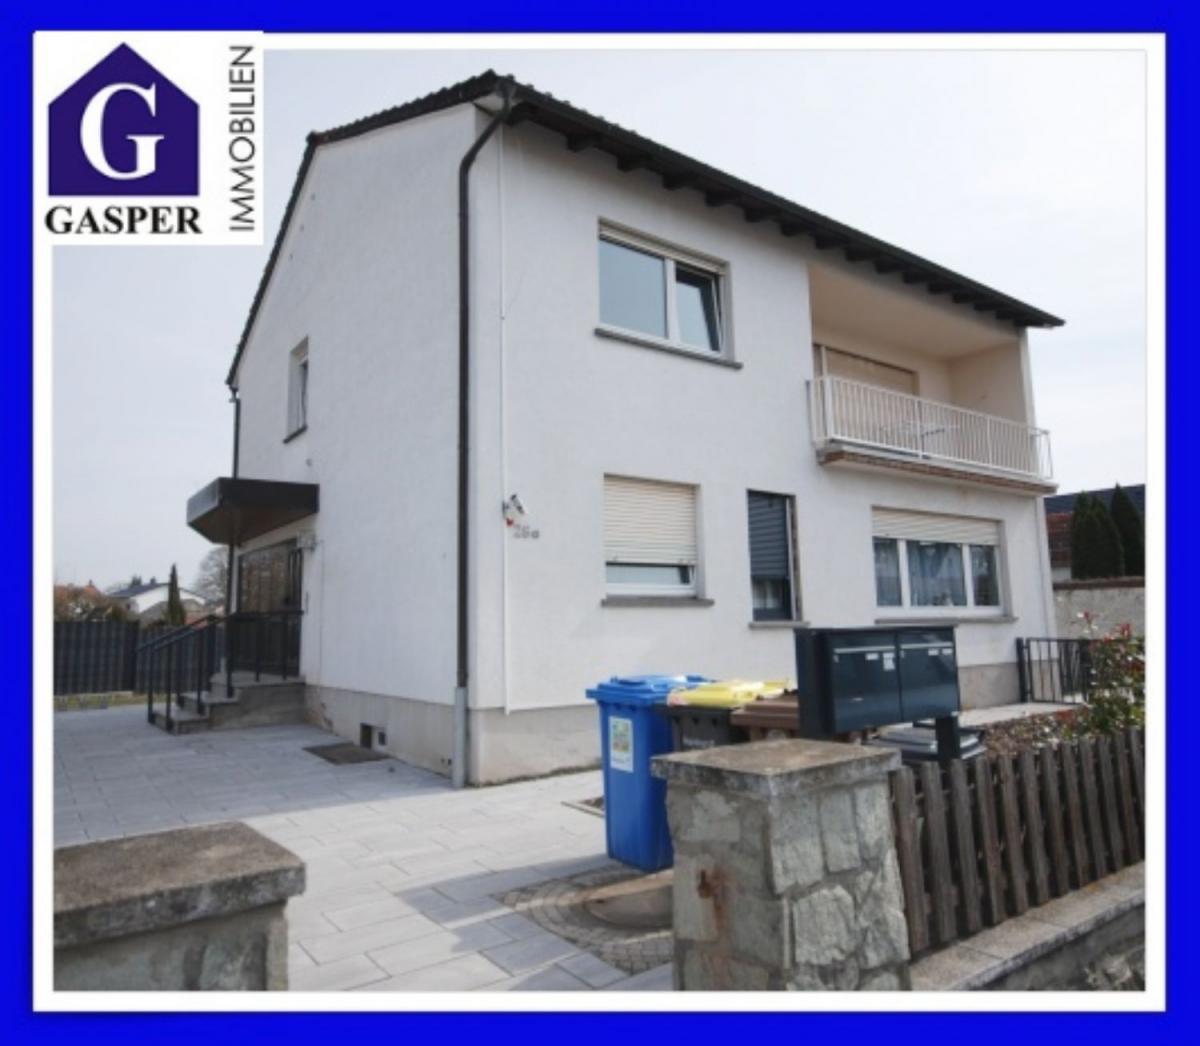 Raunheim - Großzügige 3-Zimmer-Wohnung in 2-Familienhaus mit Garten